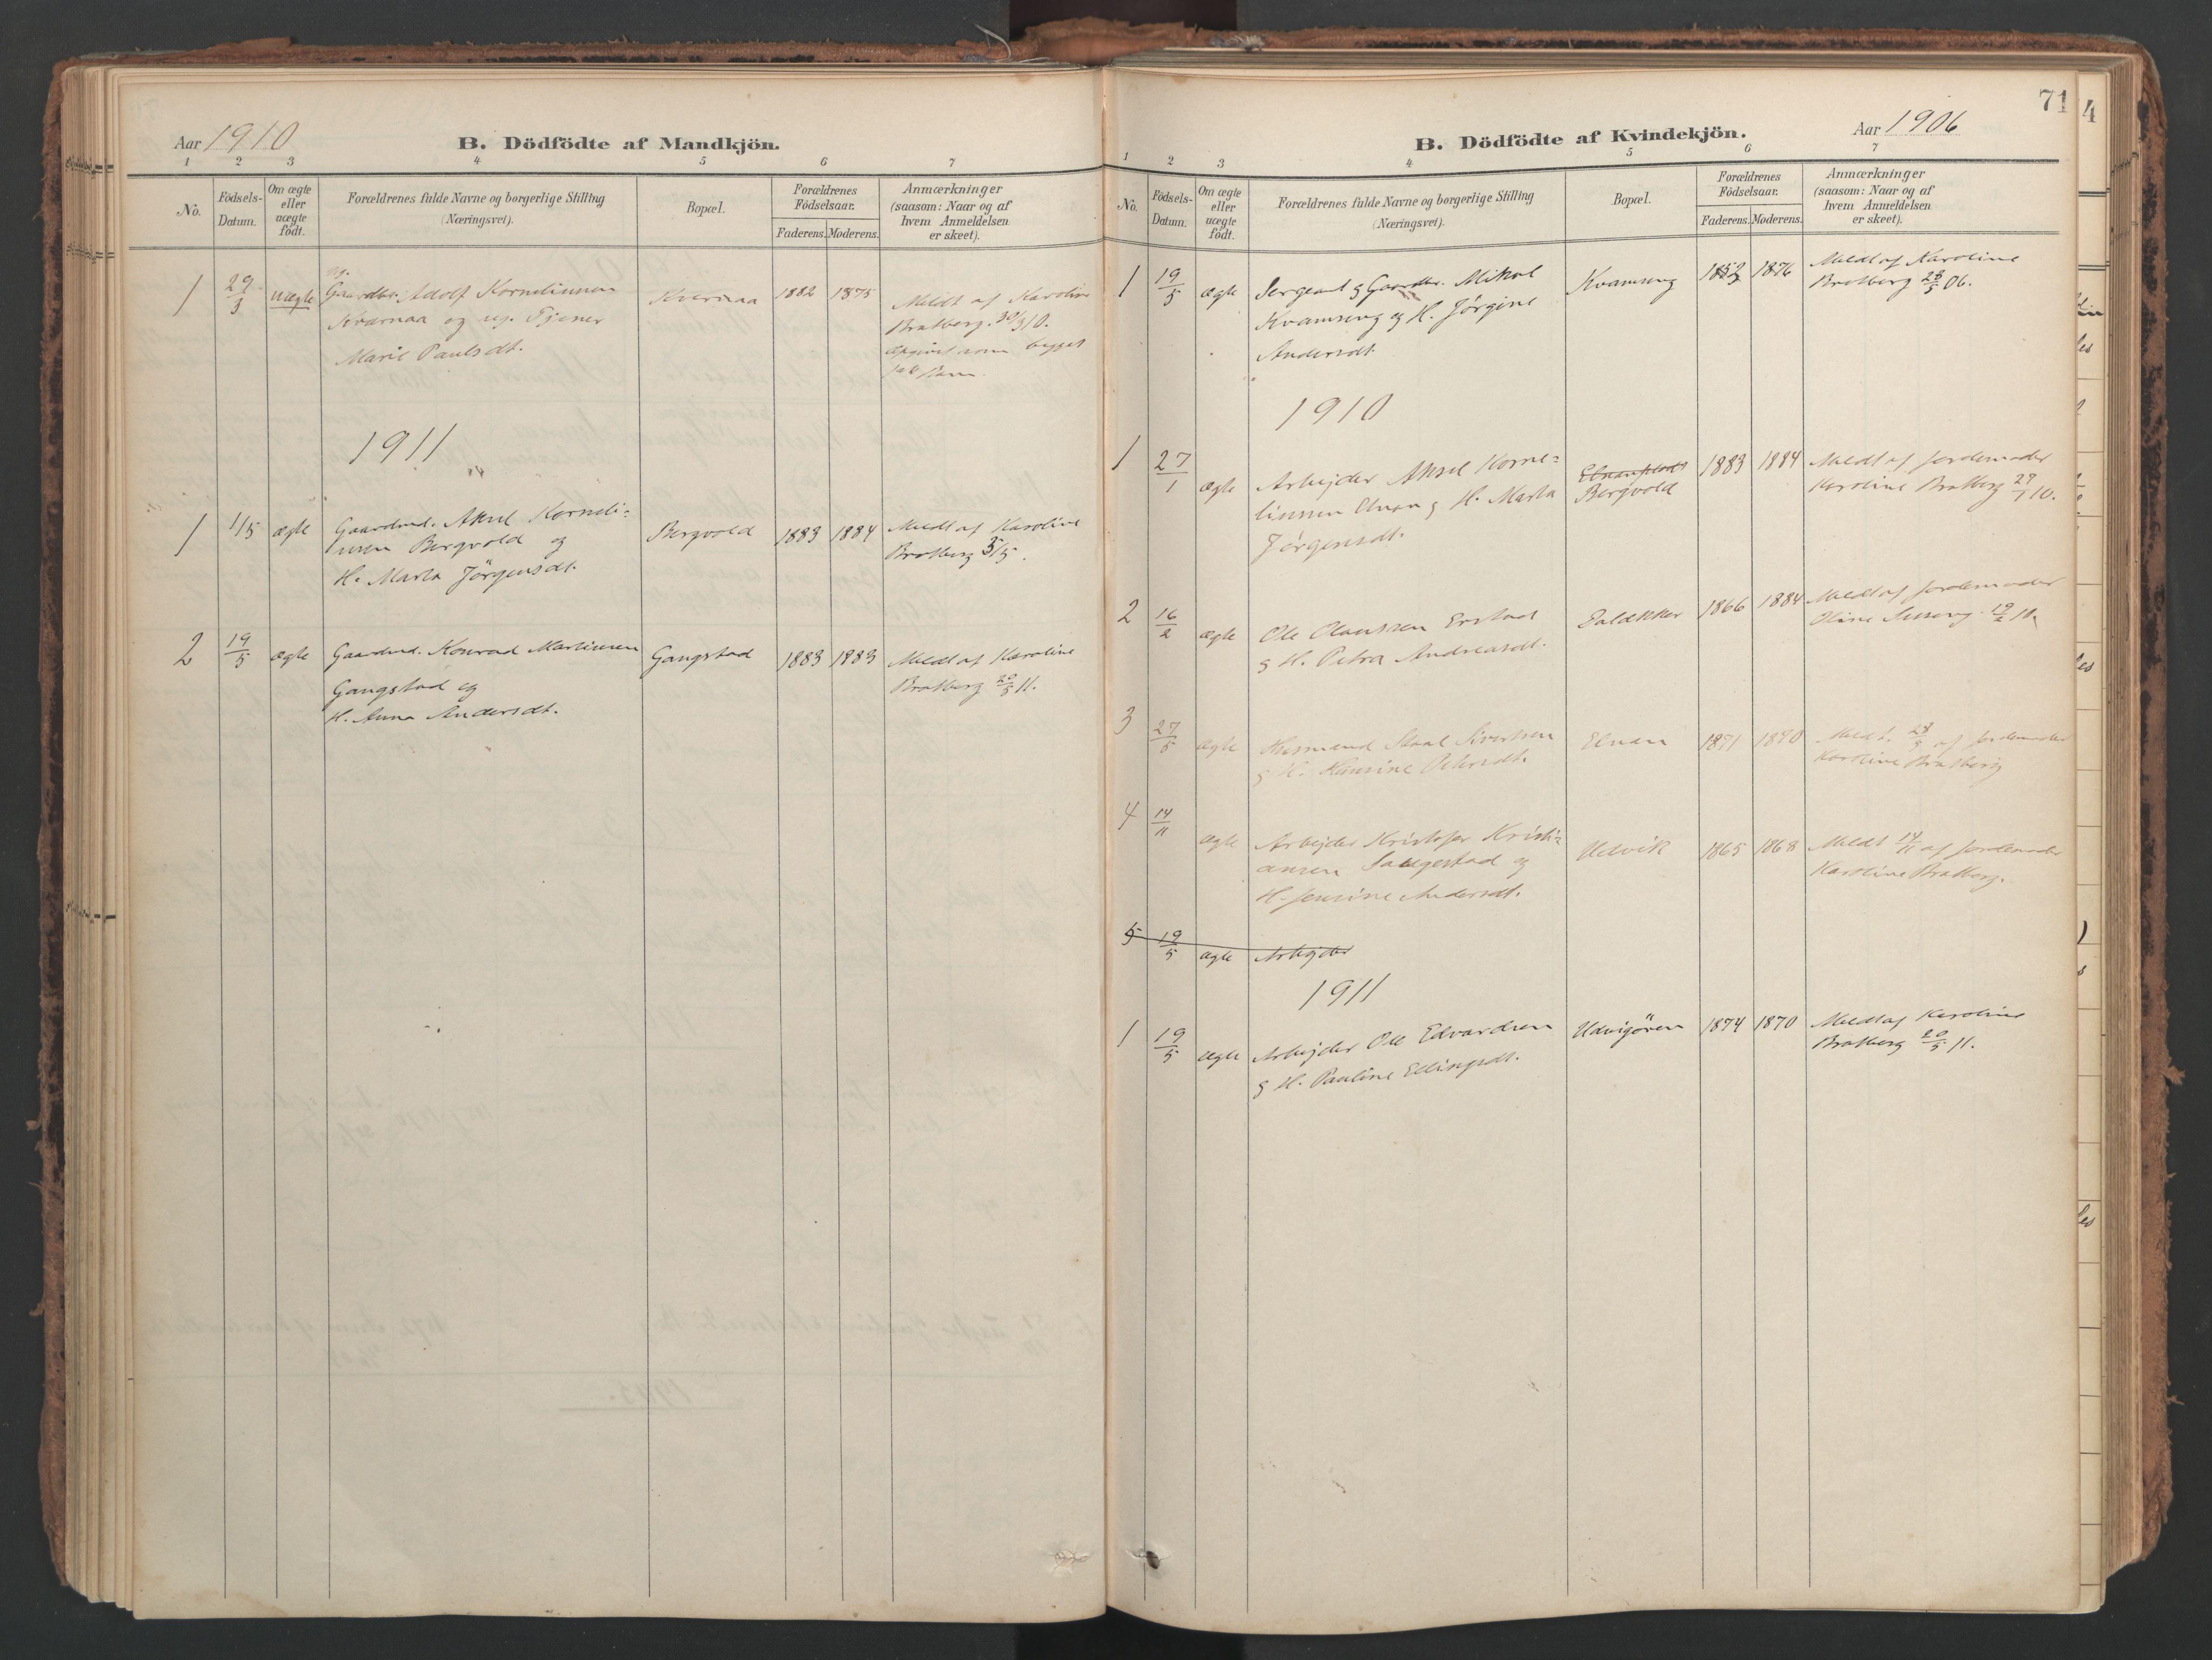 SAT, Ministerialprotokoller, klokkerbøker og fødselsregistre - Nord-Trøndelag, 741/L0397: Ministerialbok nr. 741A11, 1901-1911, s. 71